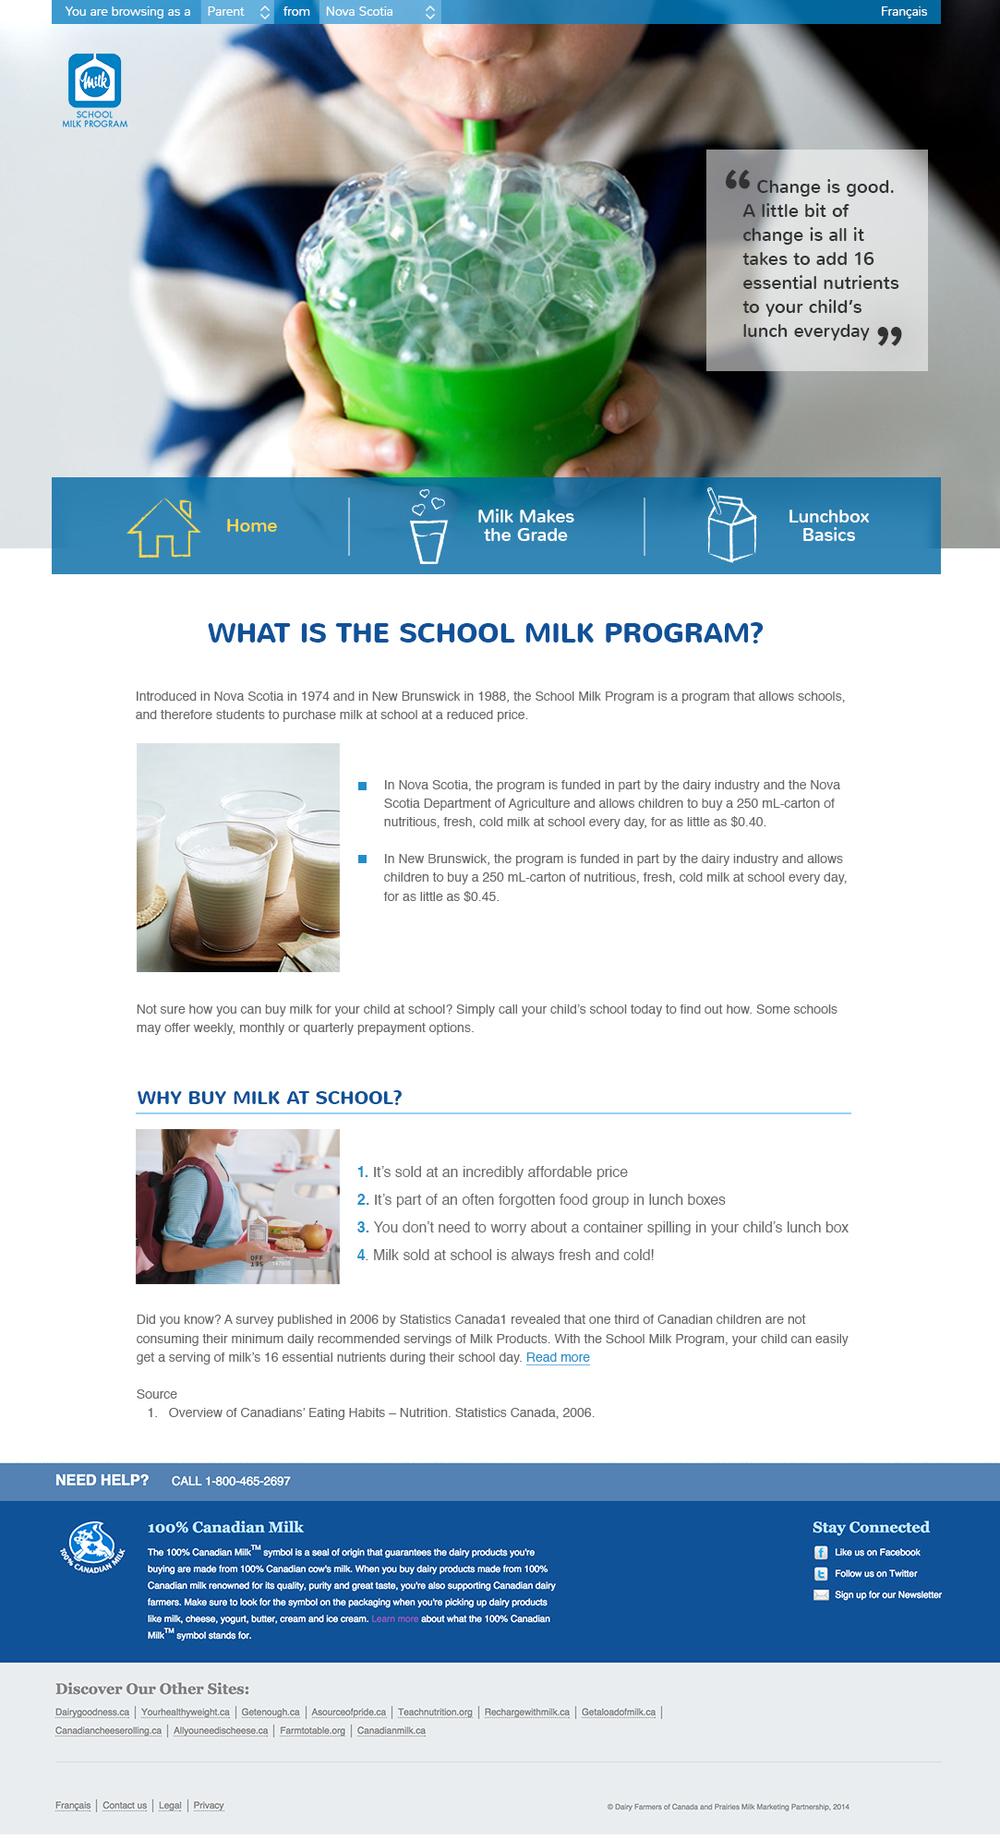 DAI01-697_MilkSchoolProgram_01Home_v0.1.jpg